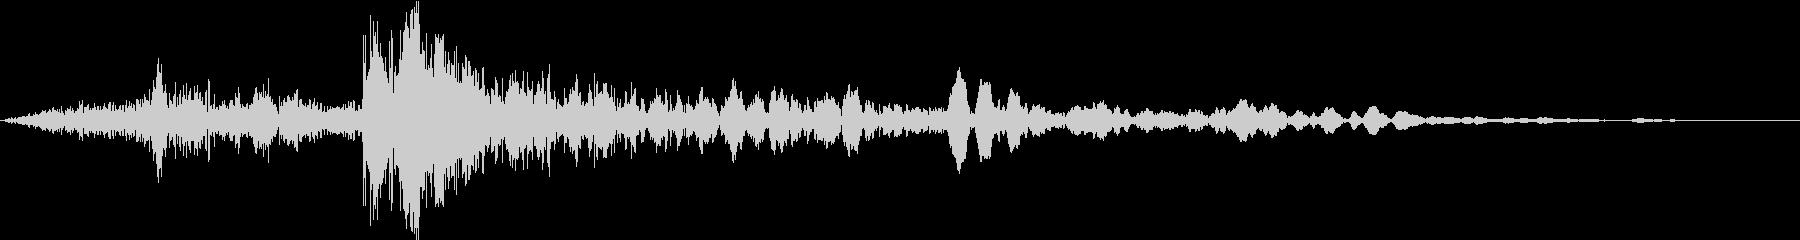 シートメタルインパクトメタルインパクトの未再生の波形